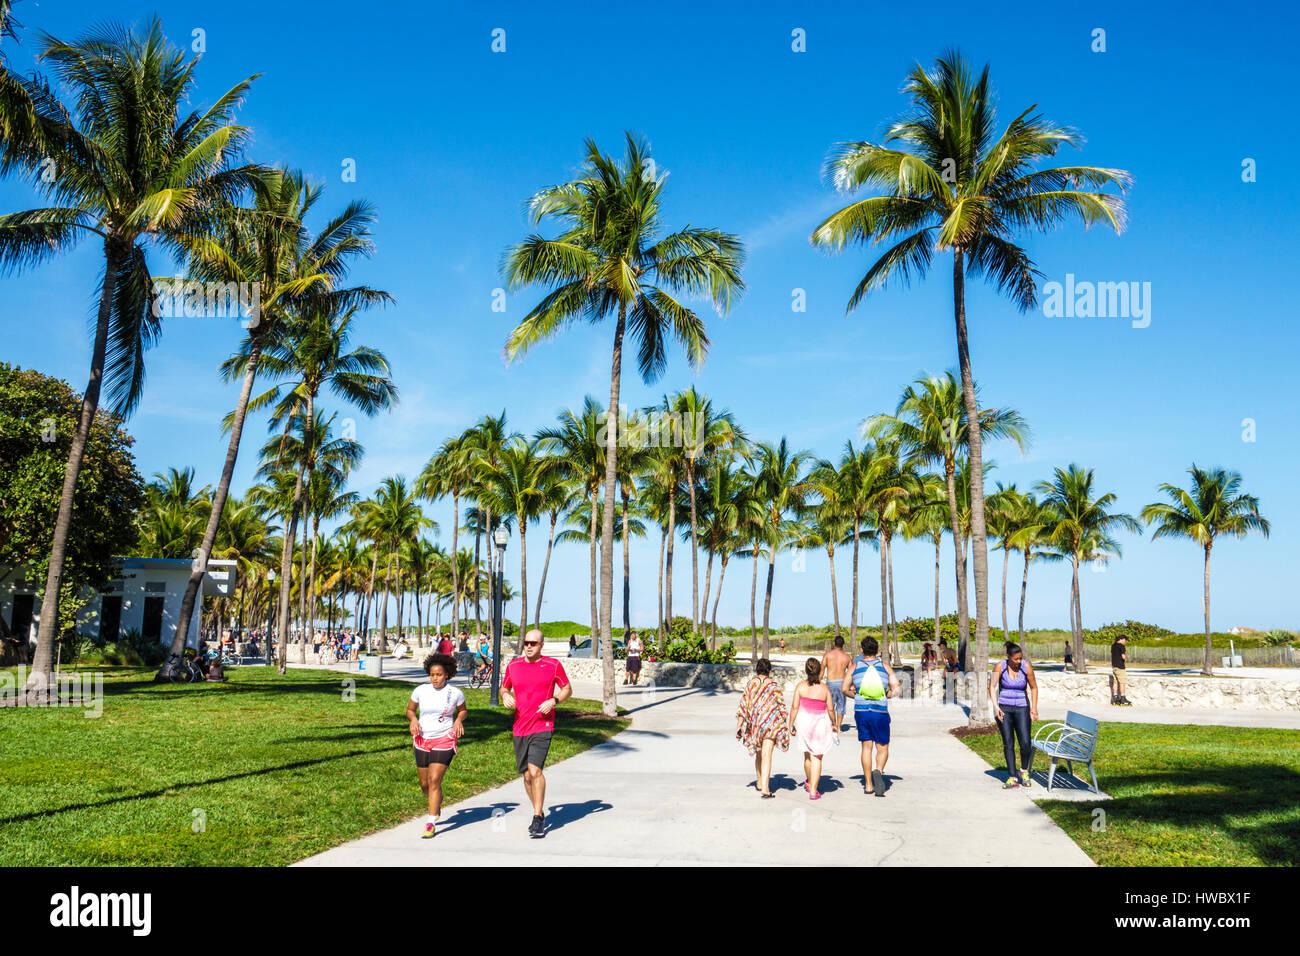 Miami Beach Jogging Path